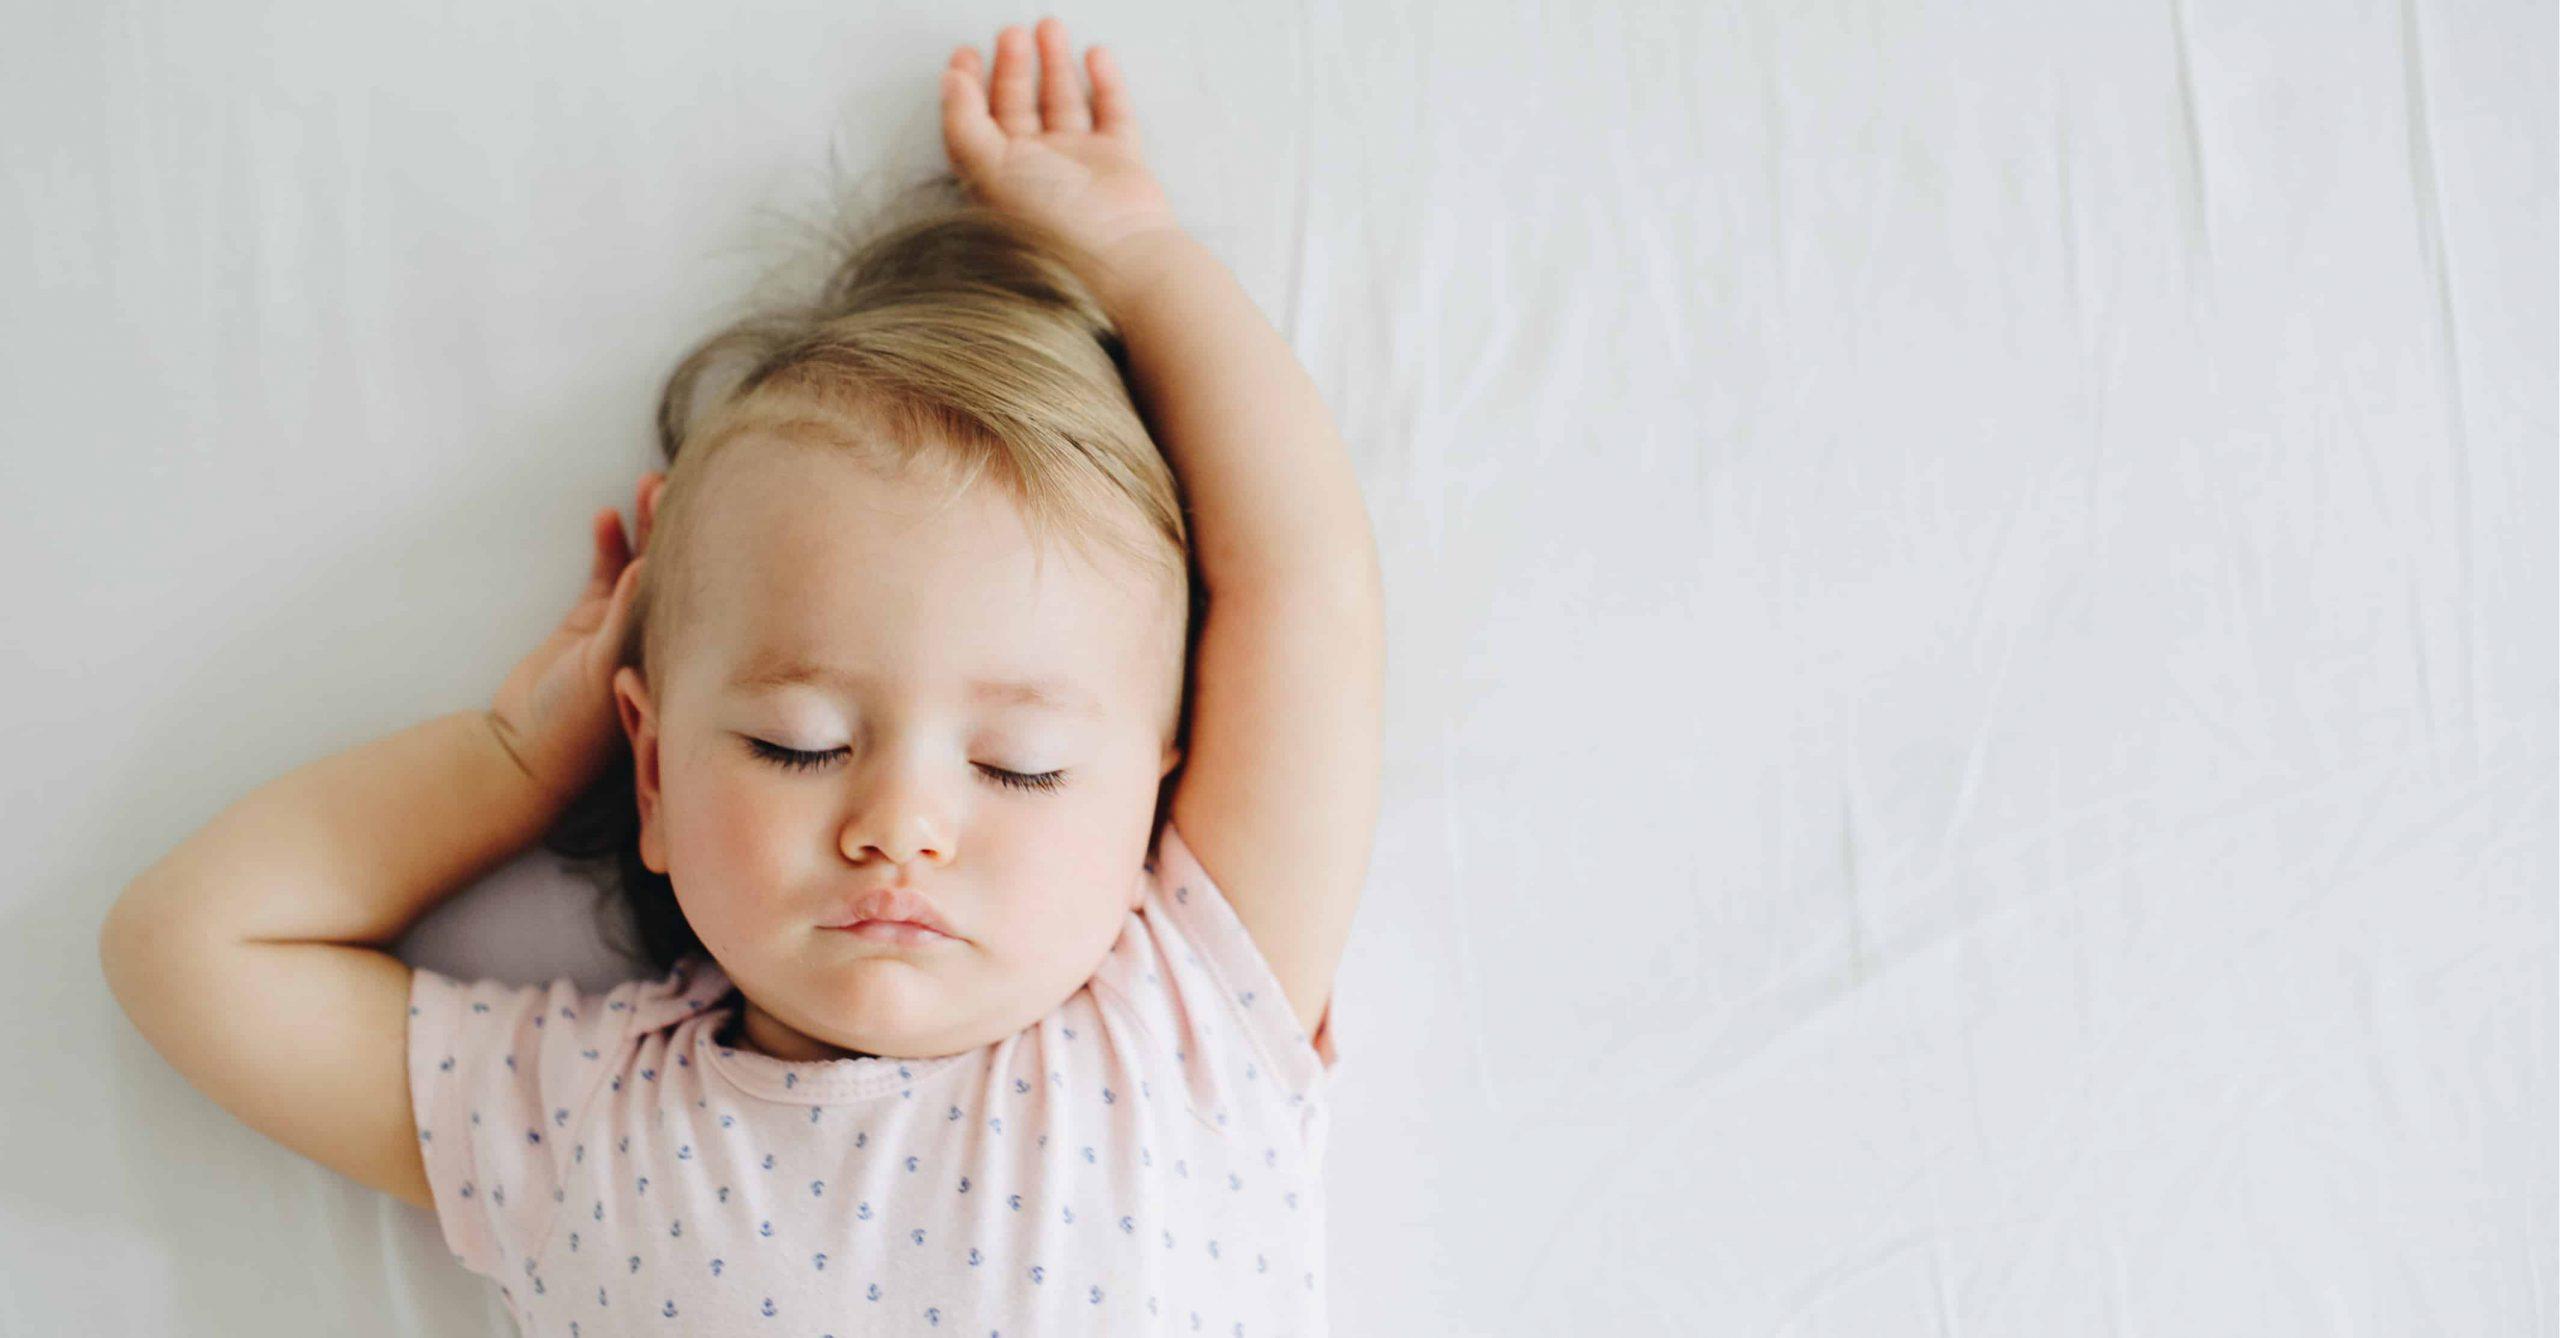 7 نکته که باید درباره خواب نوزاد بدانید